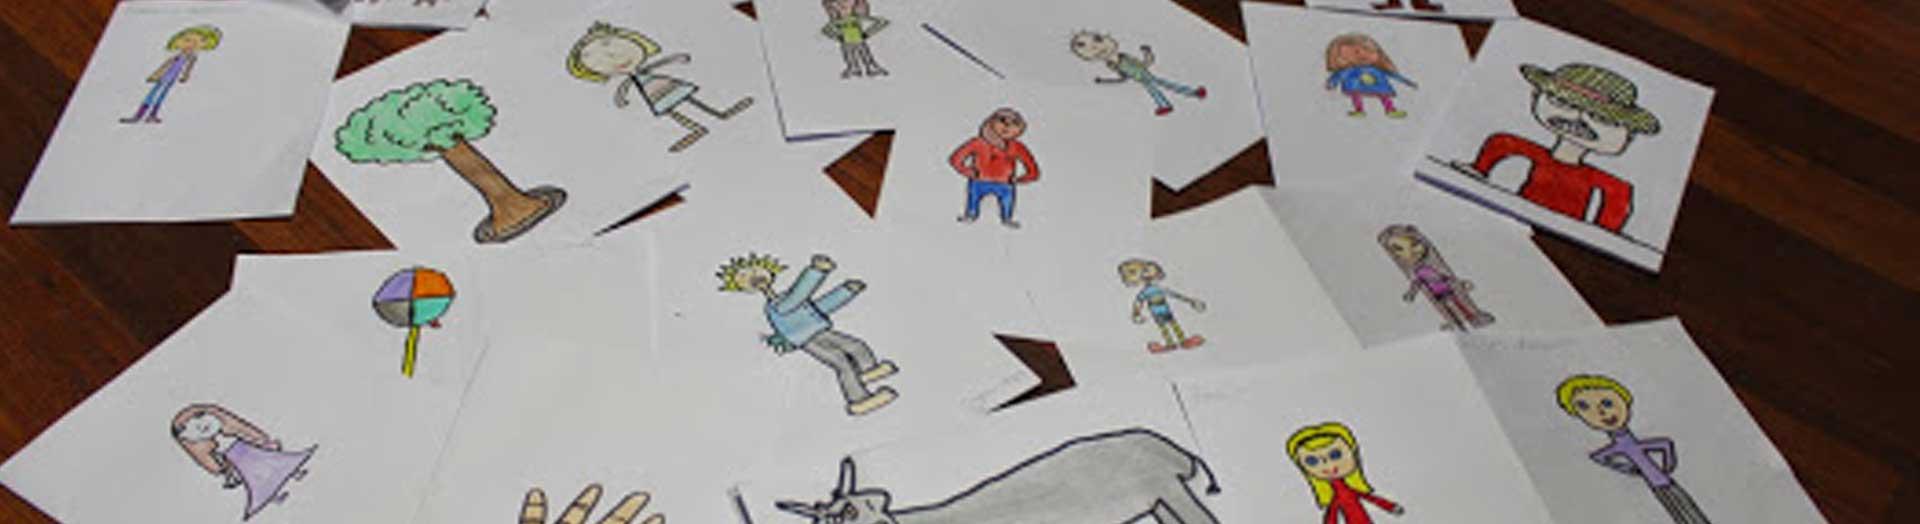 classe découverte dessin animé- photo 1